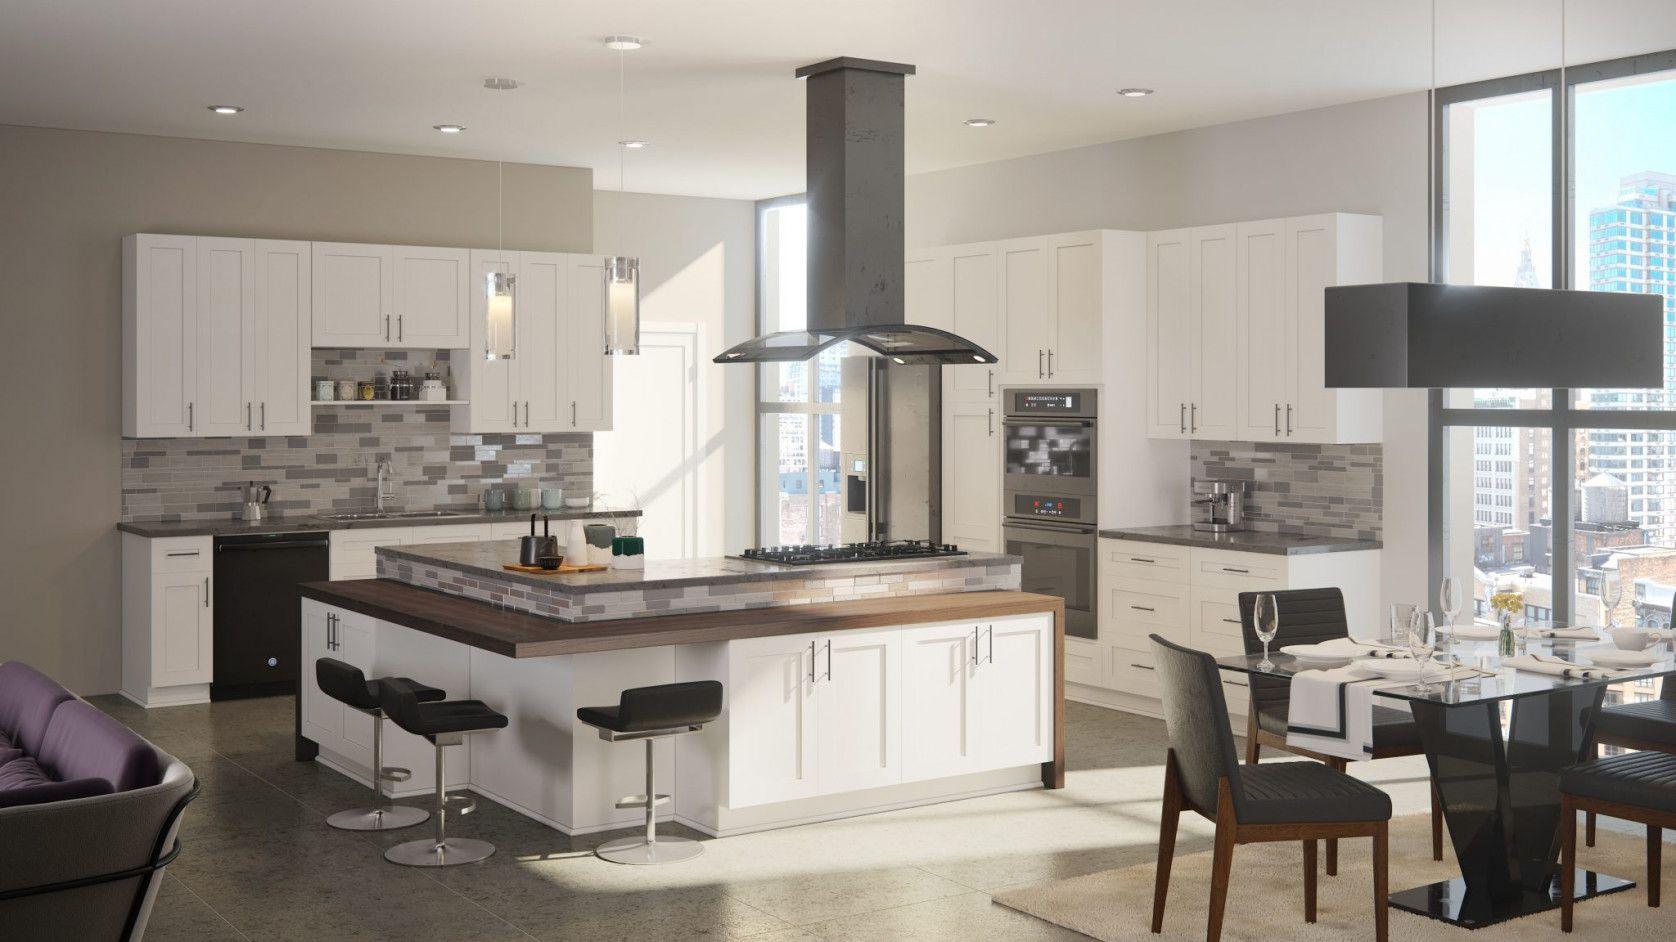 70+ Used Kitchen Cabinets atlanta Ga - Chalkboard Ideas for Kitchen Check more at  & 70+ Used Kitchen Cabinets atlanta Ga - Chalkboard Ideas for Kitchen ...